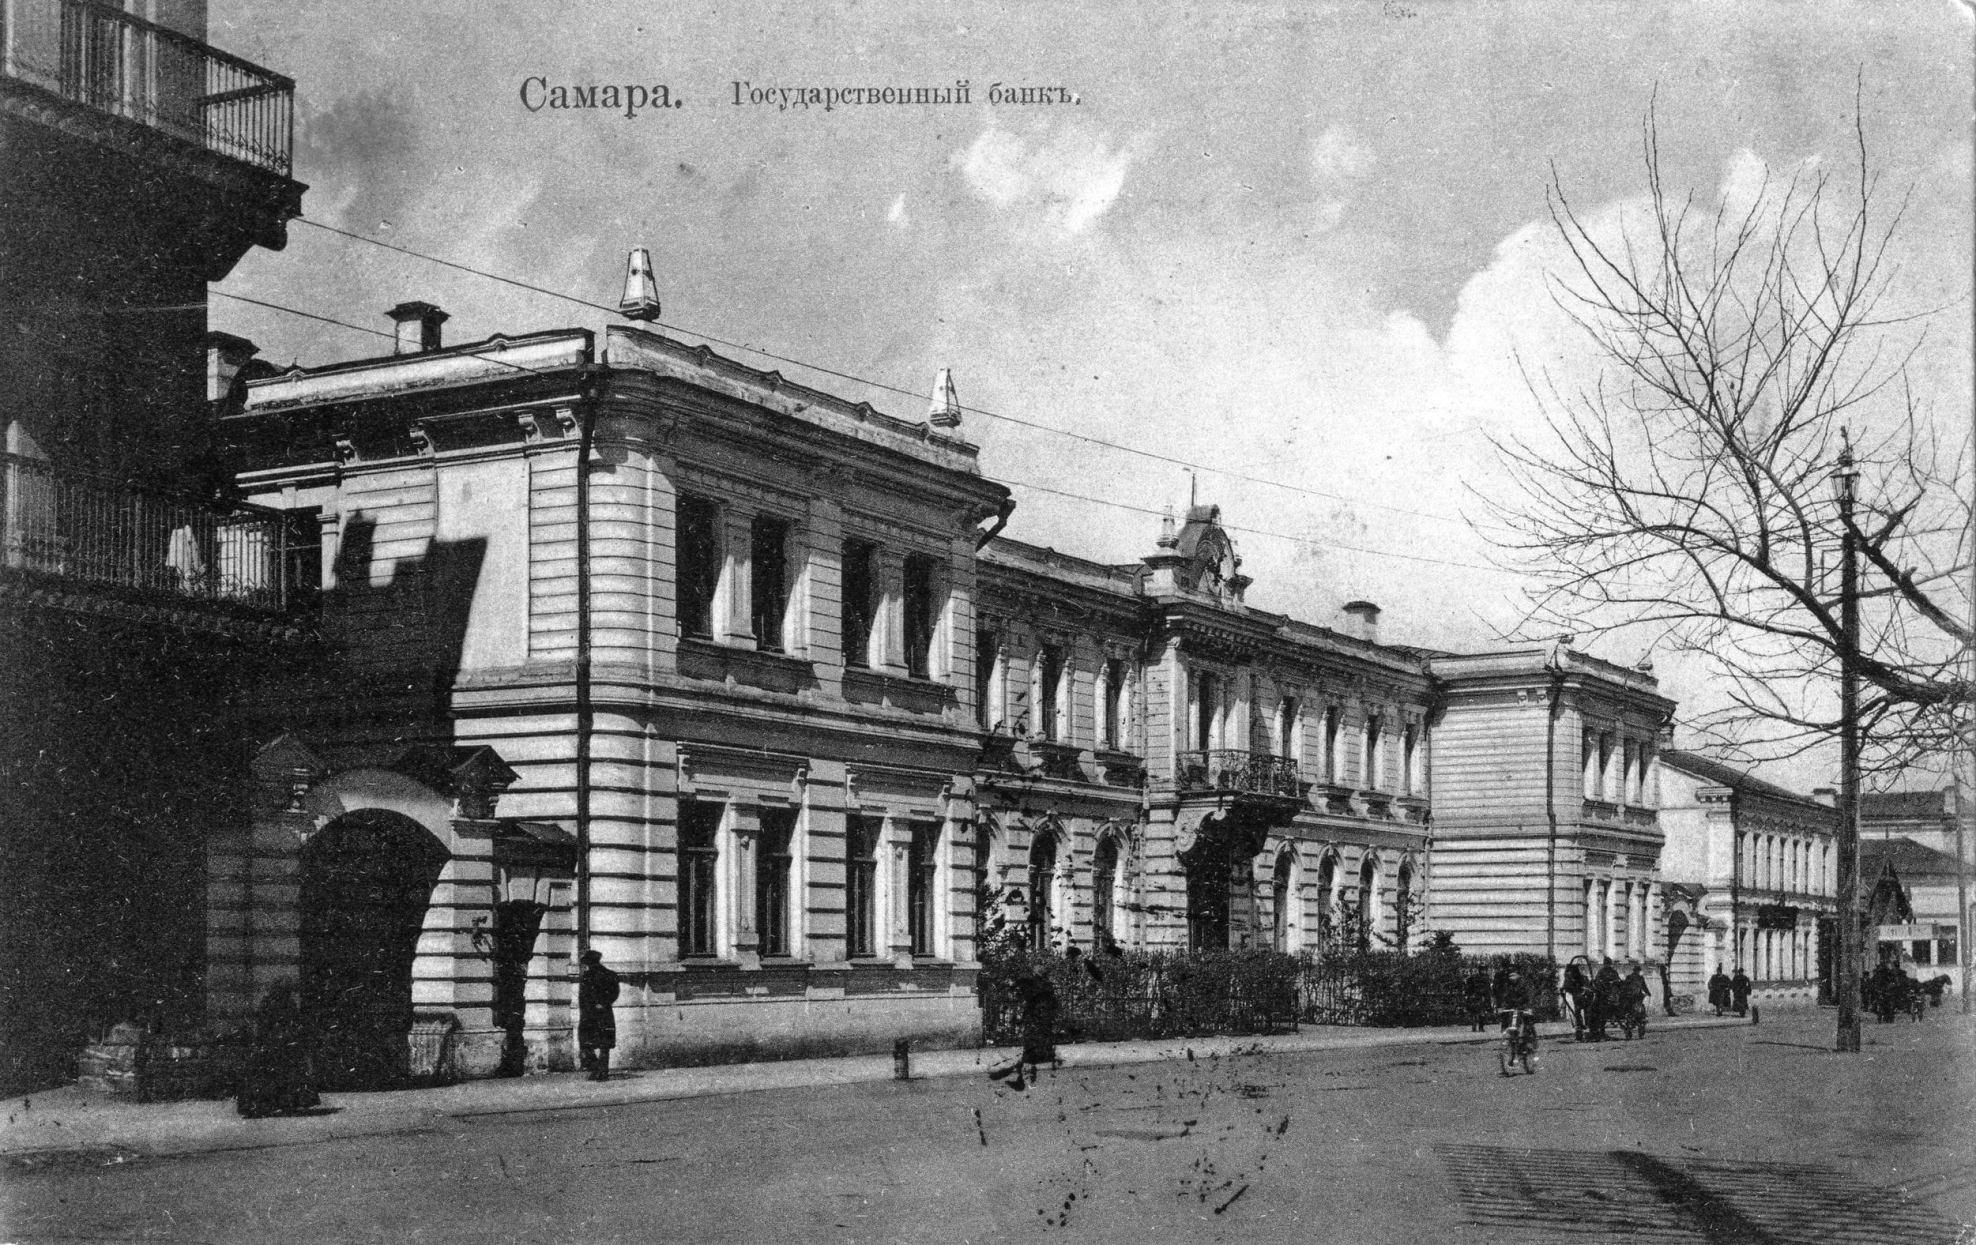 Государственный банк на улице Дворянской